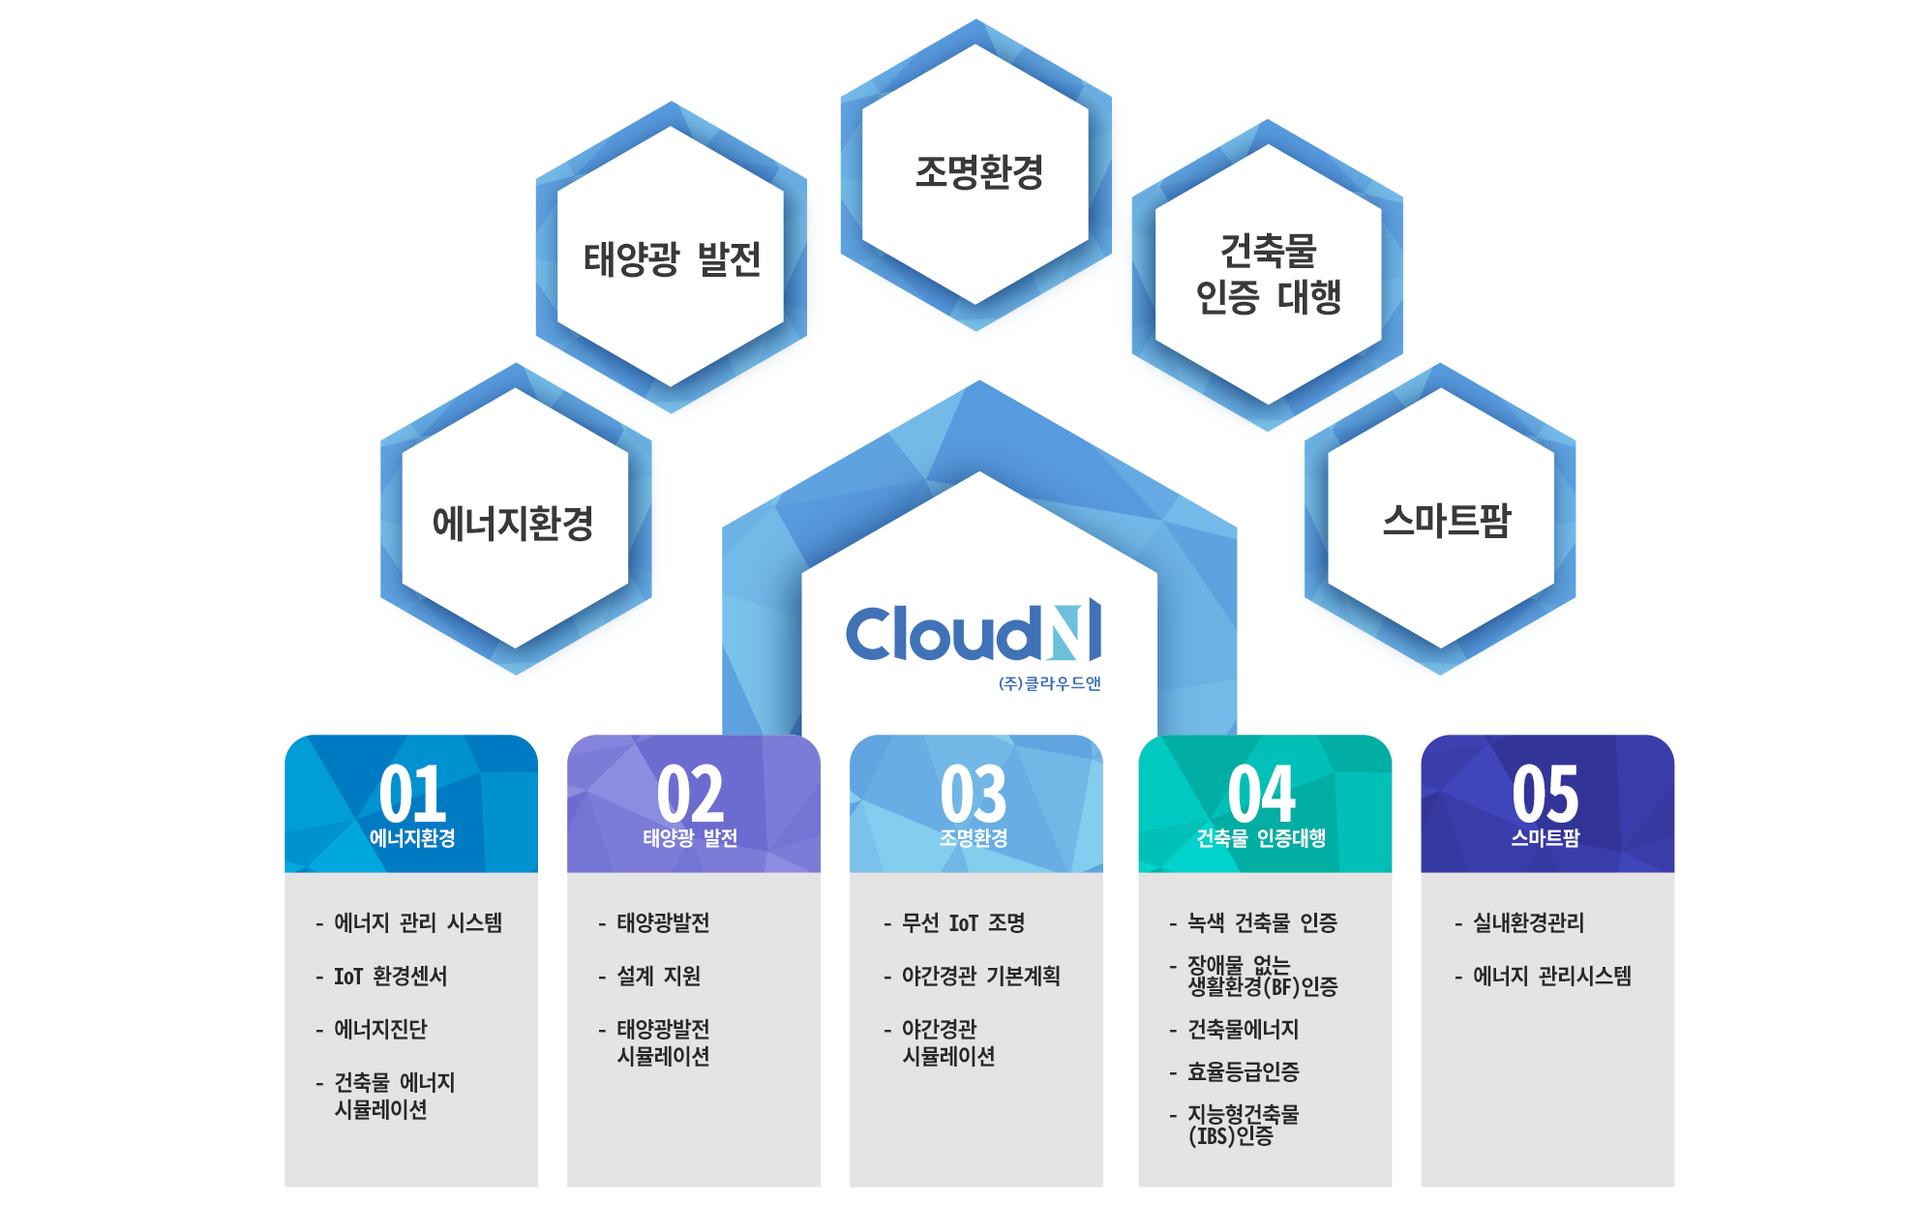 클라우드앤, CloudN 주요 사업 분야 설명